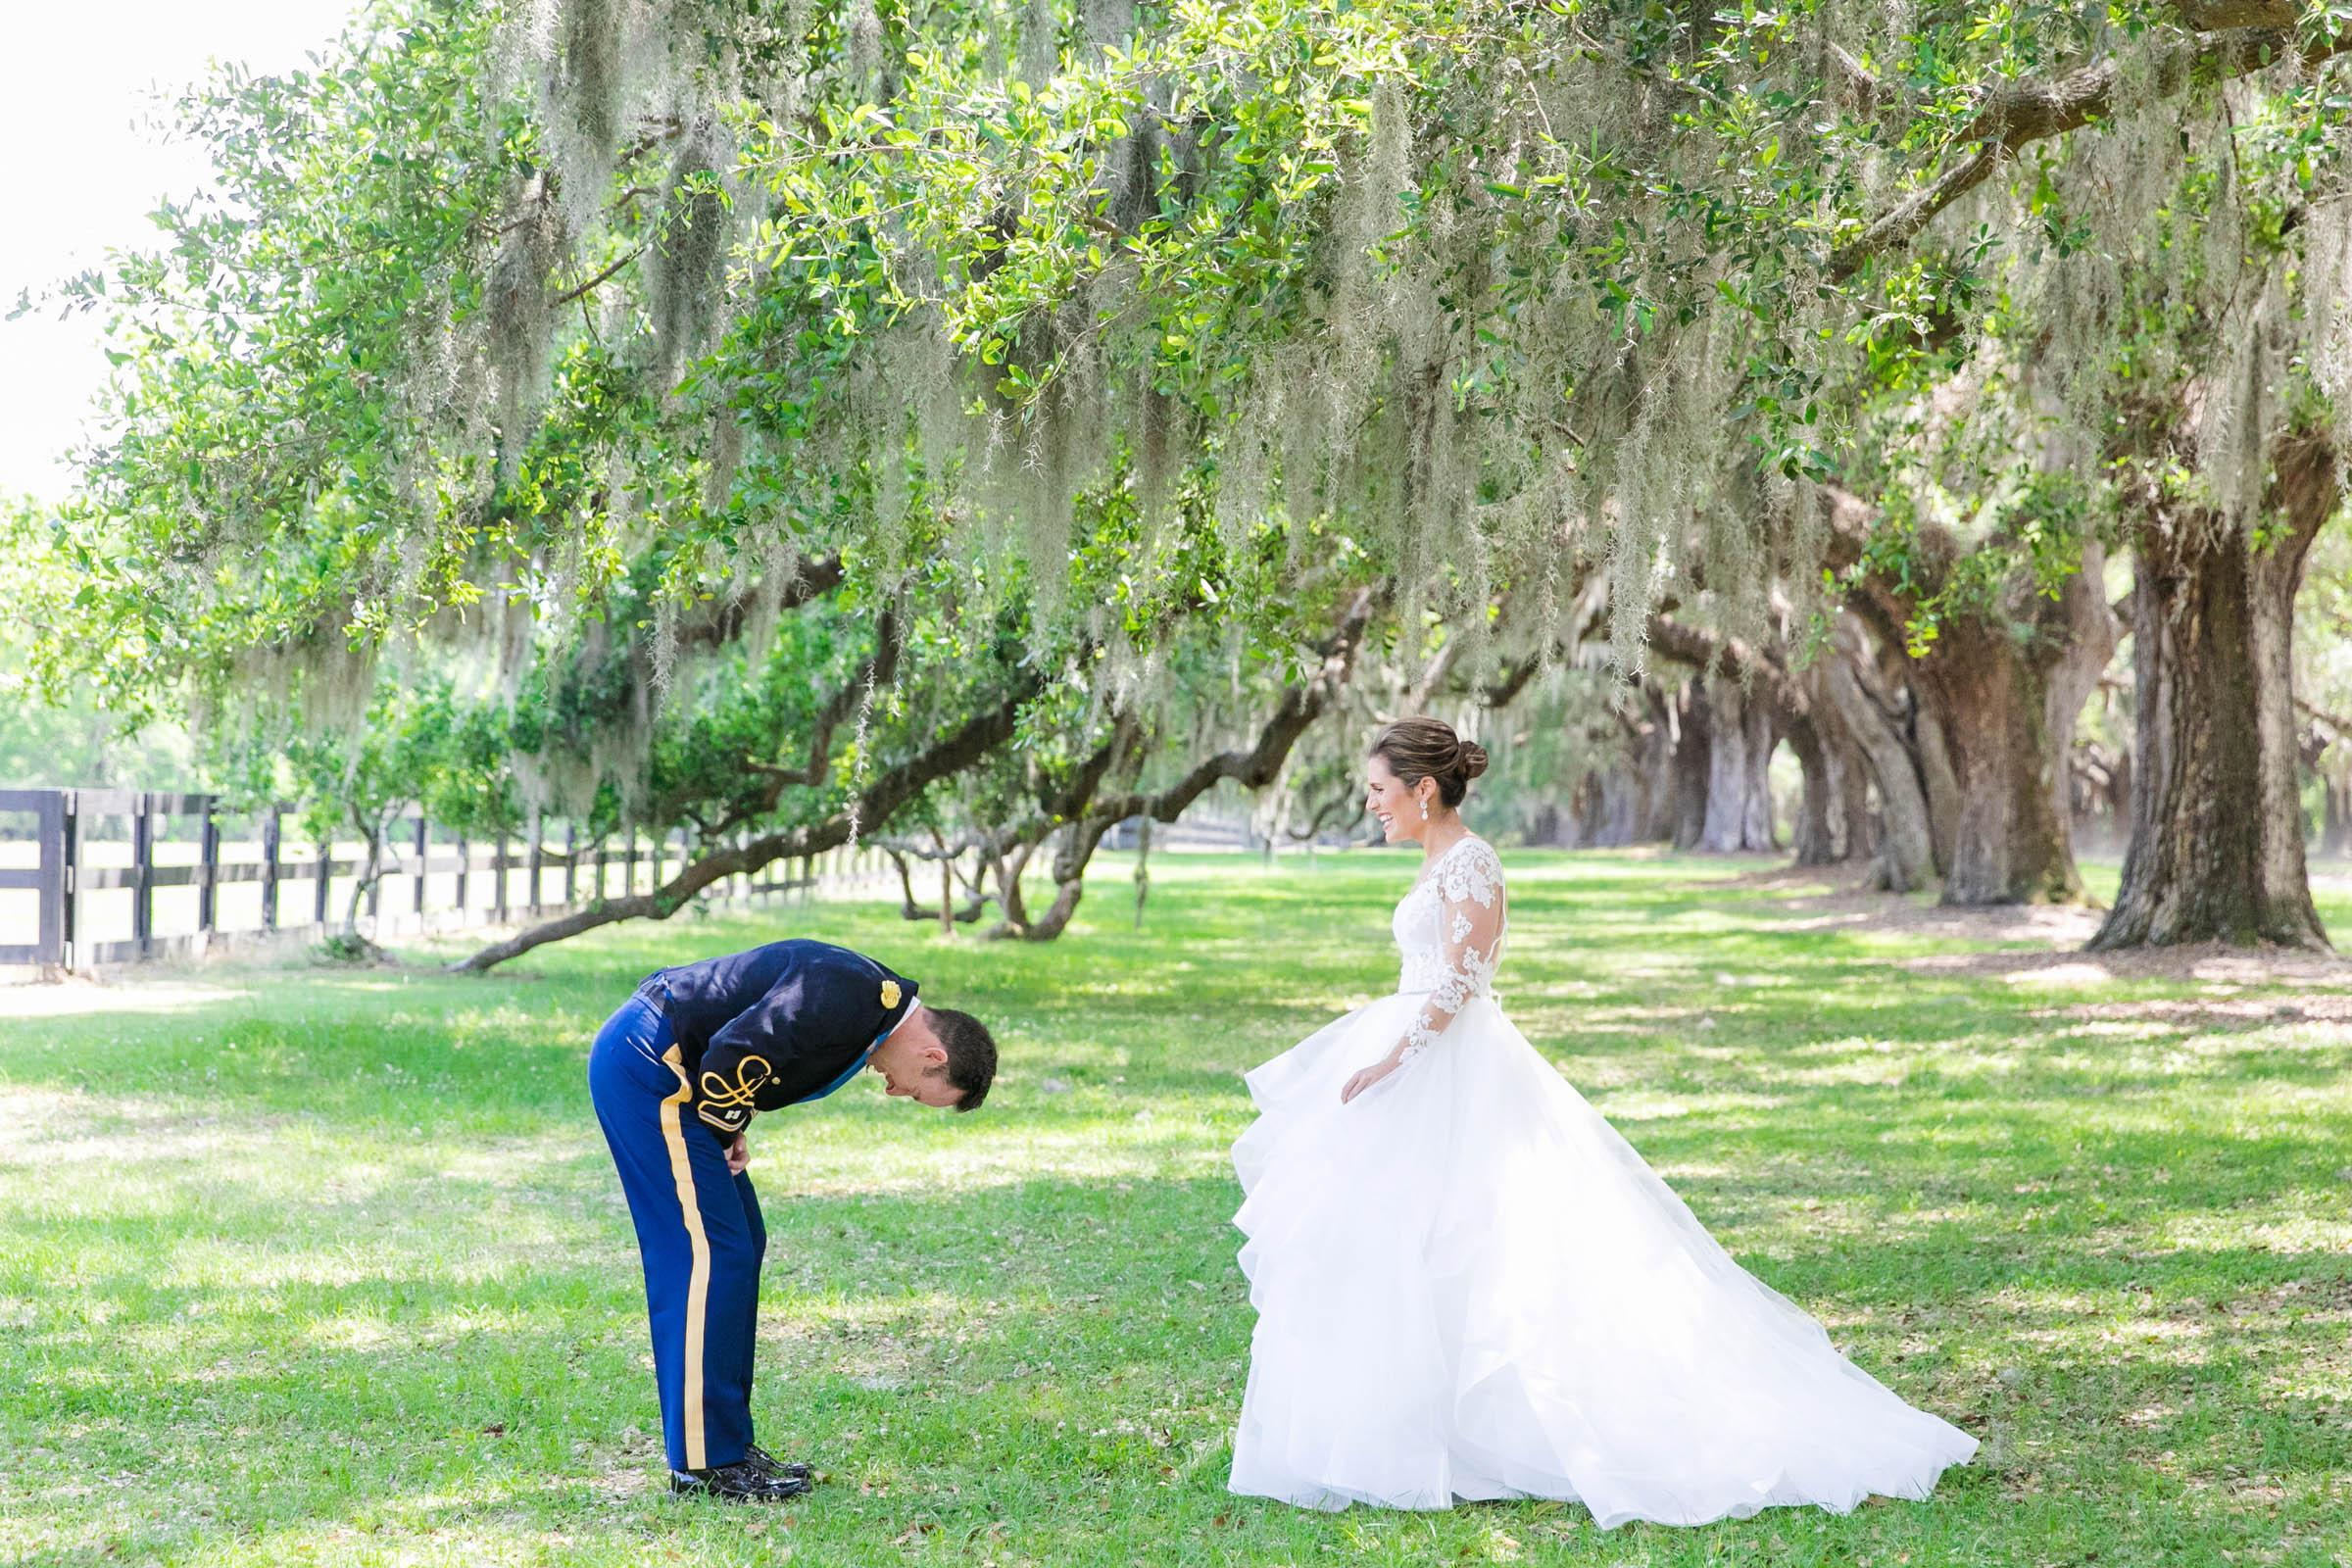 Military groom bends before elegant bride - photo by Dana Cubbage Weddings